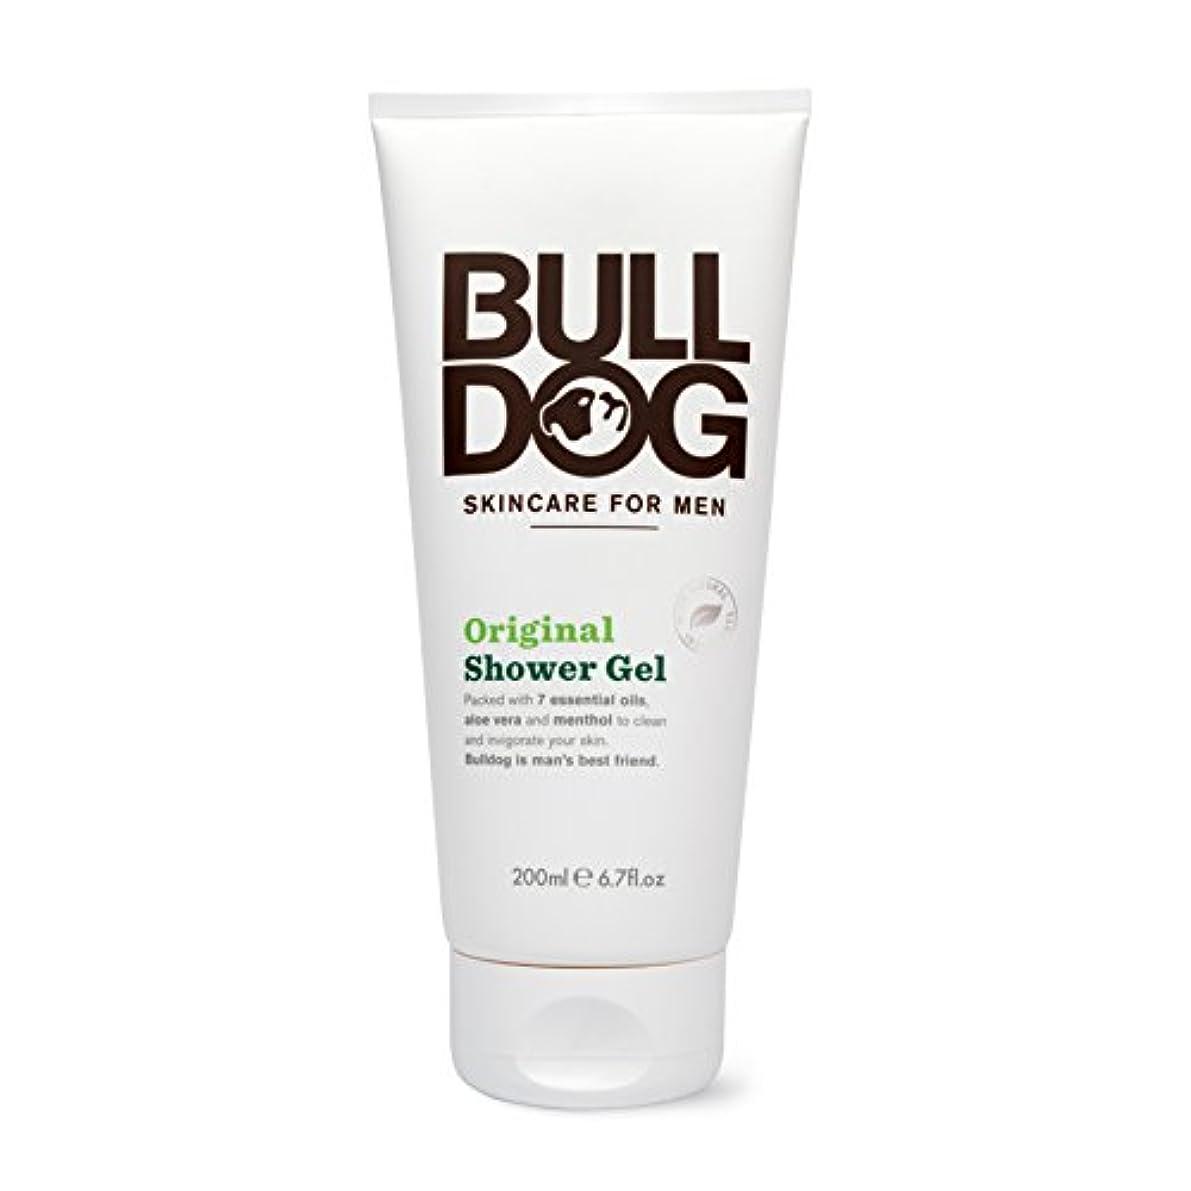 引き出し発見するファンブルブルドッグ Bulldog オリジナル シャワージェル(ボディ用洗浄料) 200mL